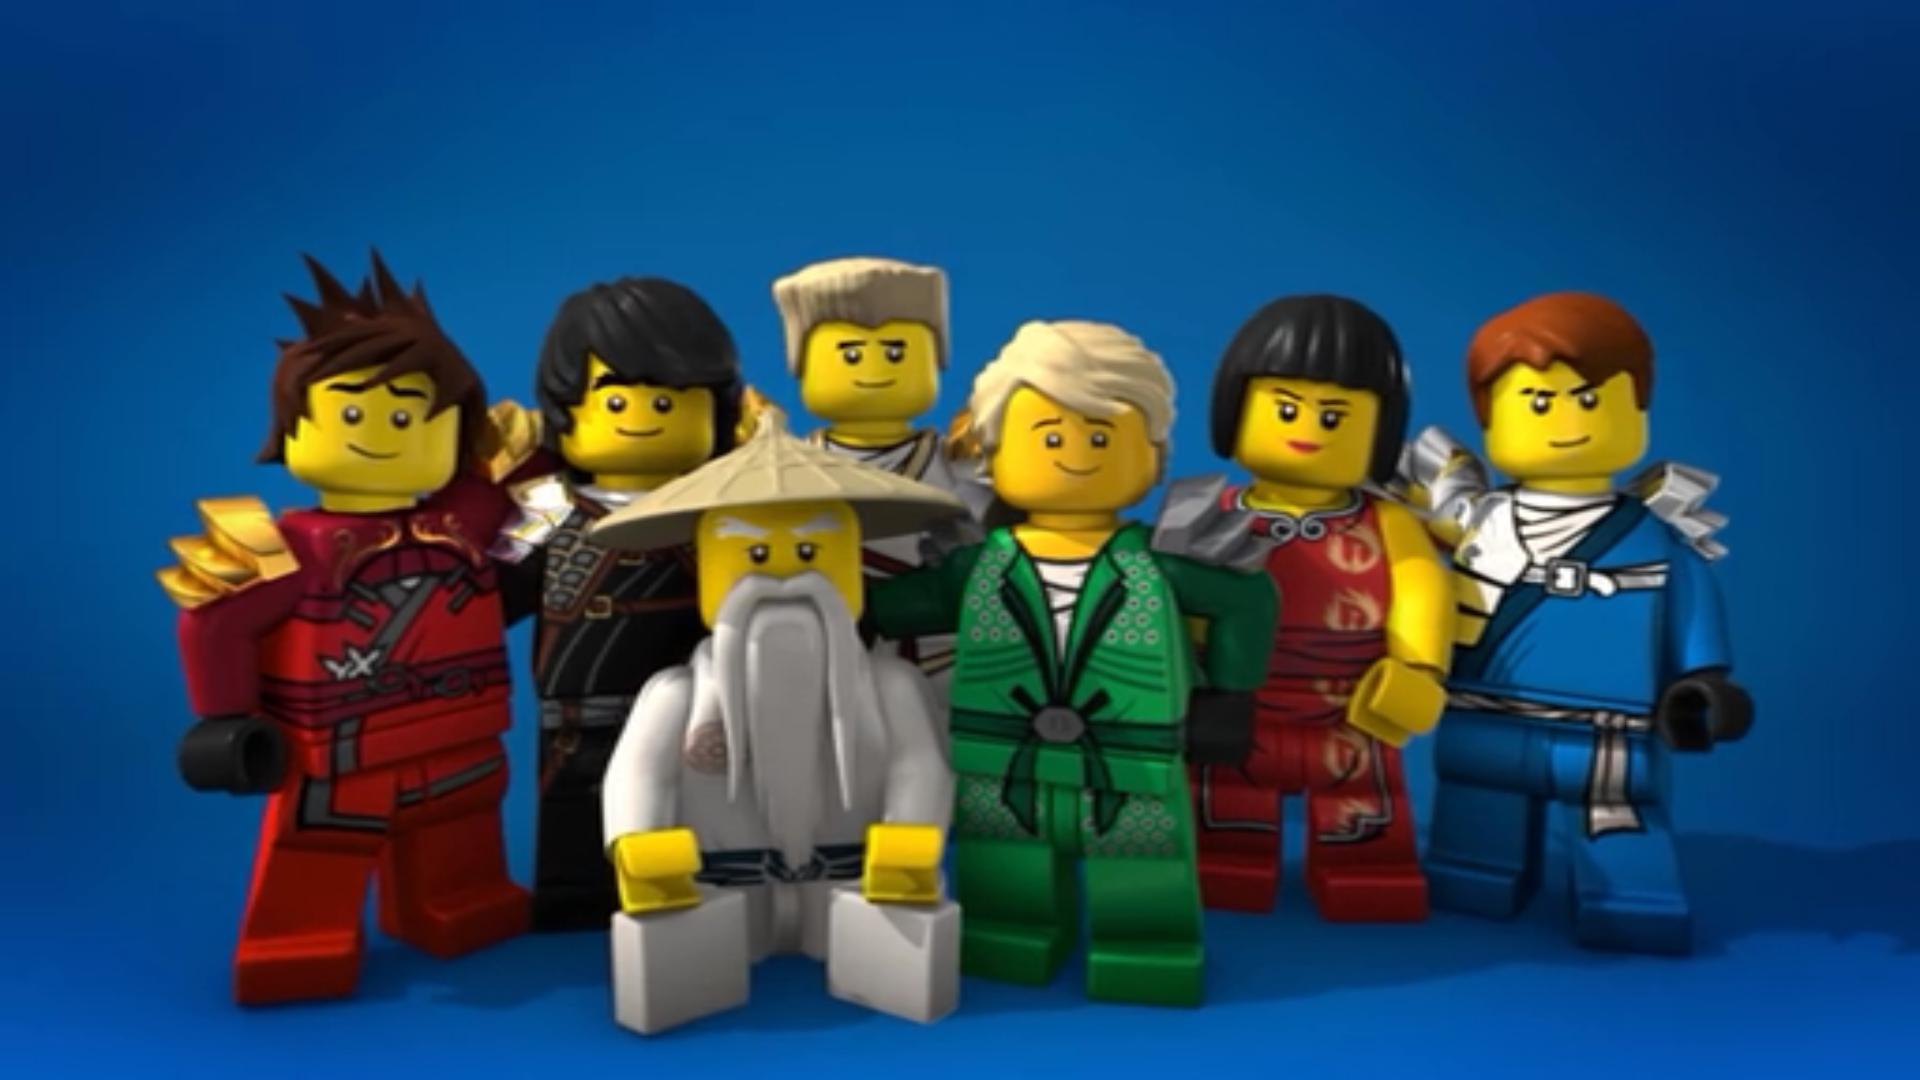 The ninja team ninjago lego lego ninjago movie lego - Lego ninjago team ...